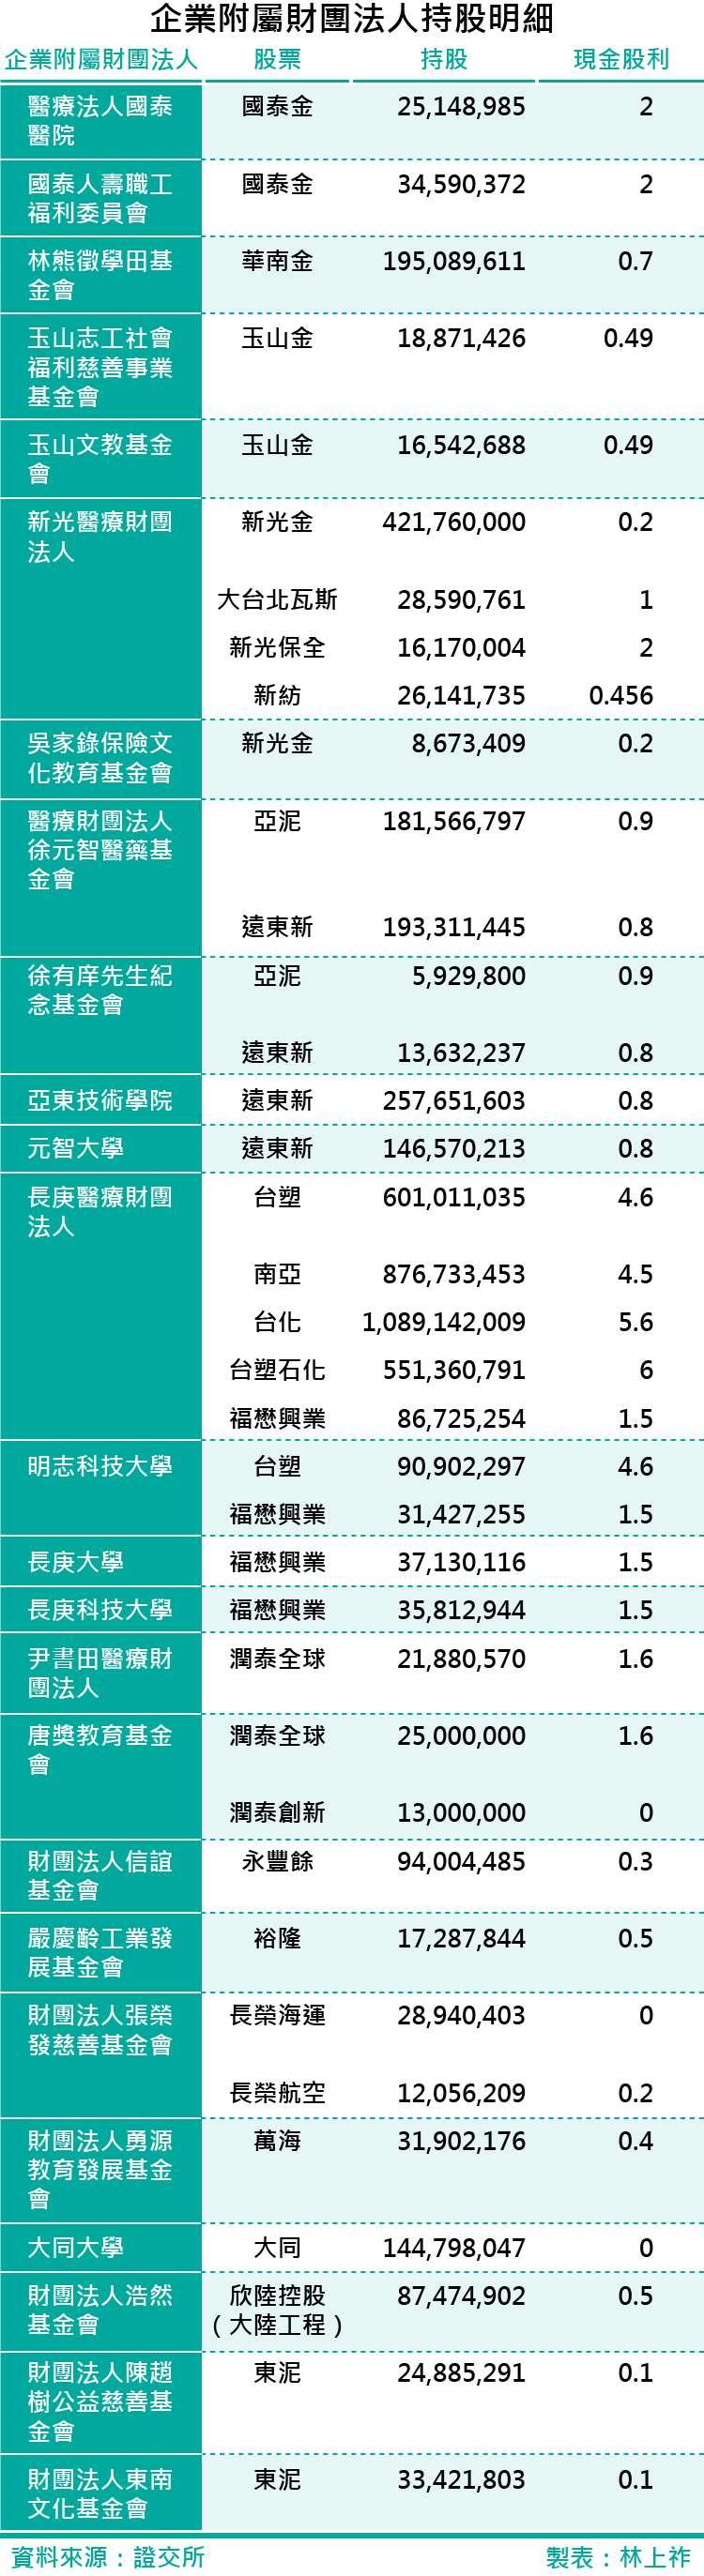 20171012-SMG0035-企業附屬財團法人持股明細-01.jpg